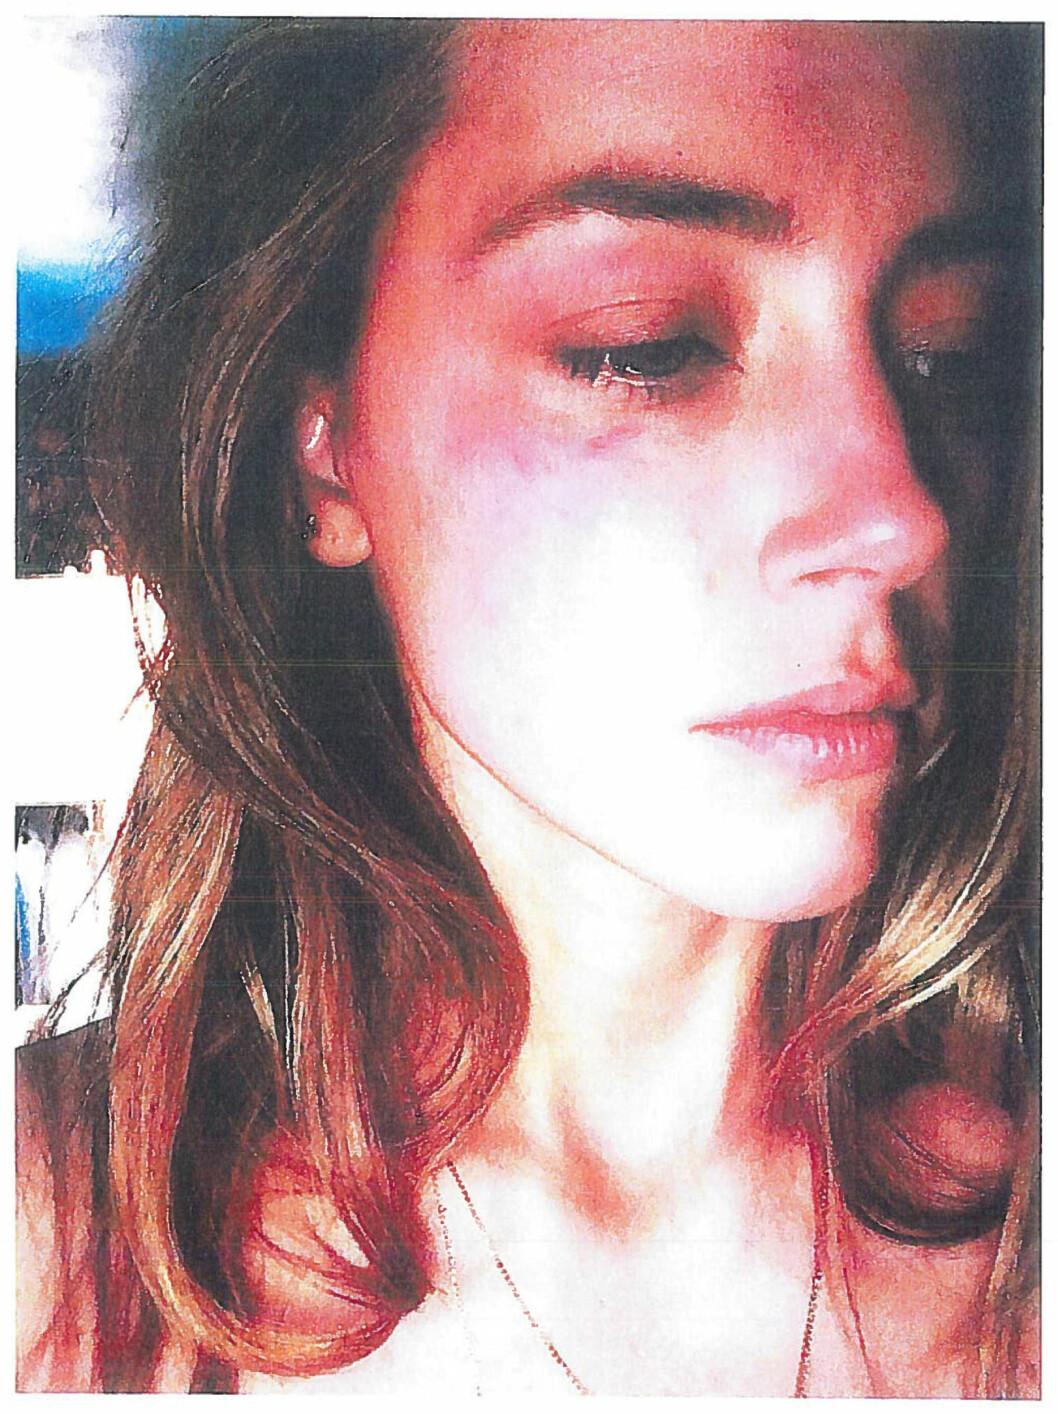 MANGE ÅRS MISBRUK: Amber hevder ektemannen var voldelig ved flere anledninger over de fire årene de var sammen. Hun hevder også at Depp sliter med store rusproblemer og ofte glemmer hva han har gjort i påvirket tilstand.  Foto: Reuters